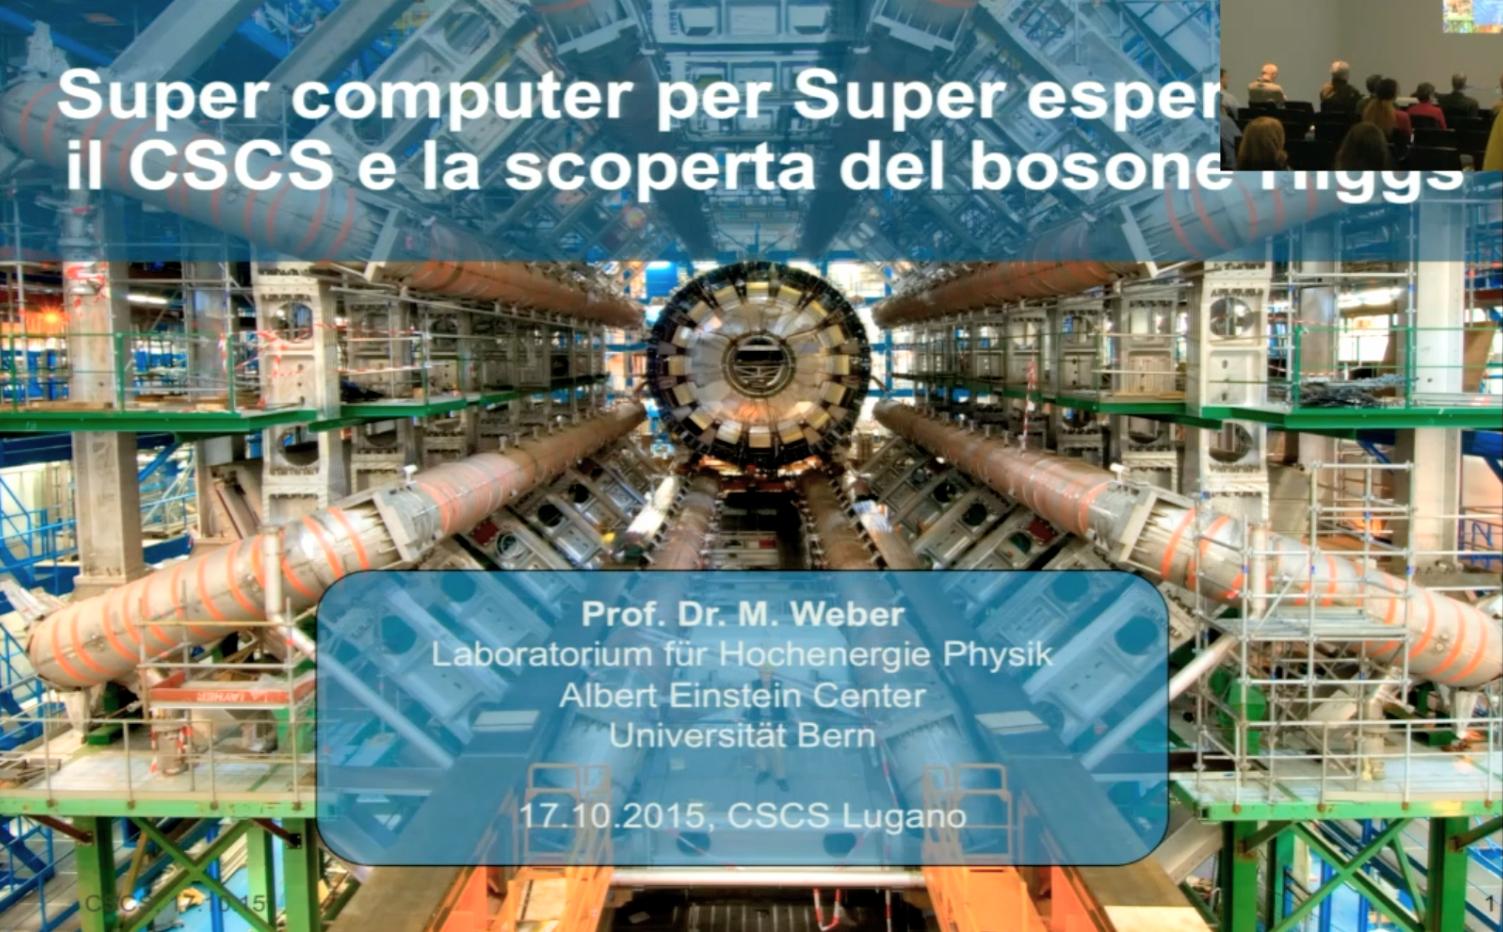 Video: Supercomputer per super esperimenti: il CSCS e la scoperta del bosone Higgs, Prof. Michele Weber